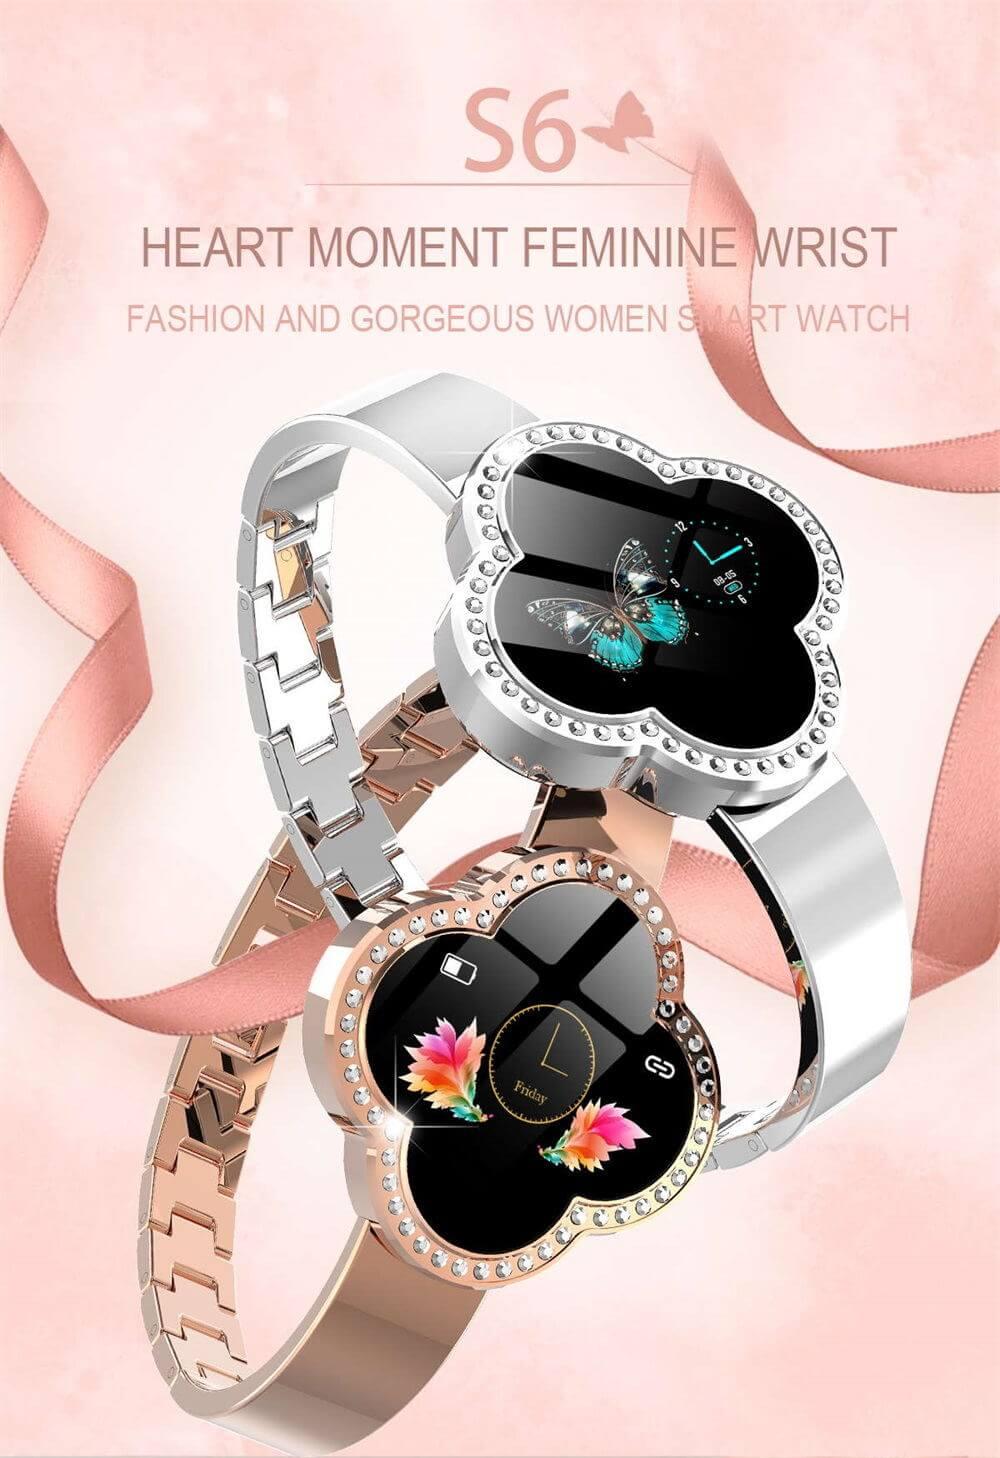 Smart Watch Bracelet Fitness Tracker For Women , Buy online